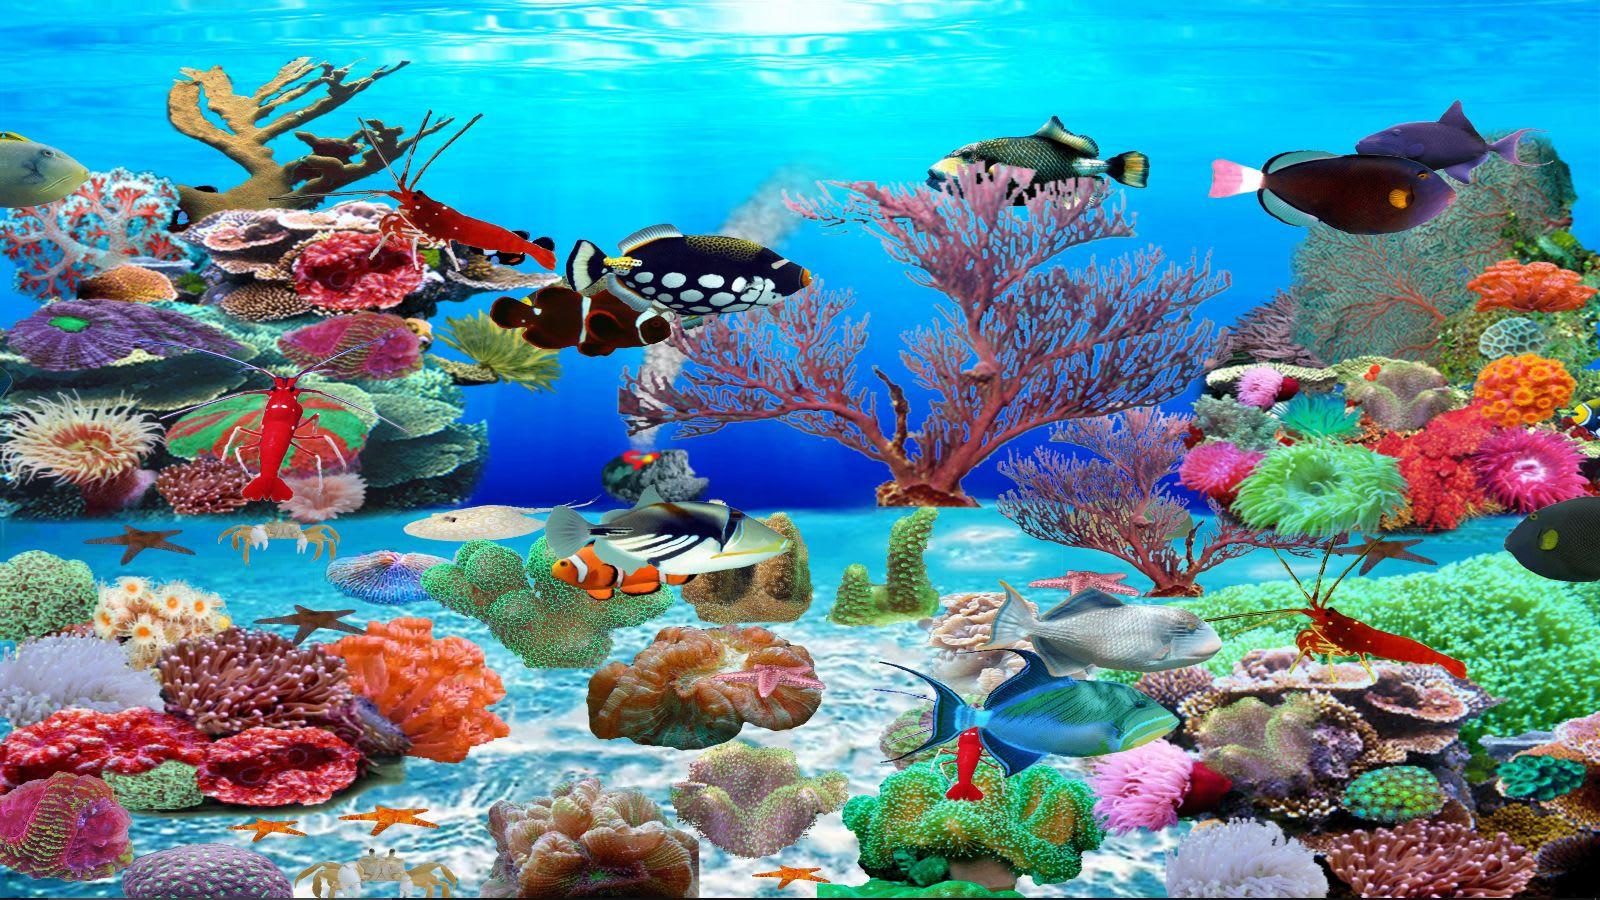 Trigger fish aquarium download authors review voltagebd Images